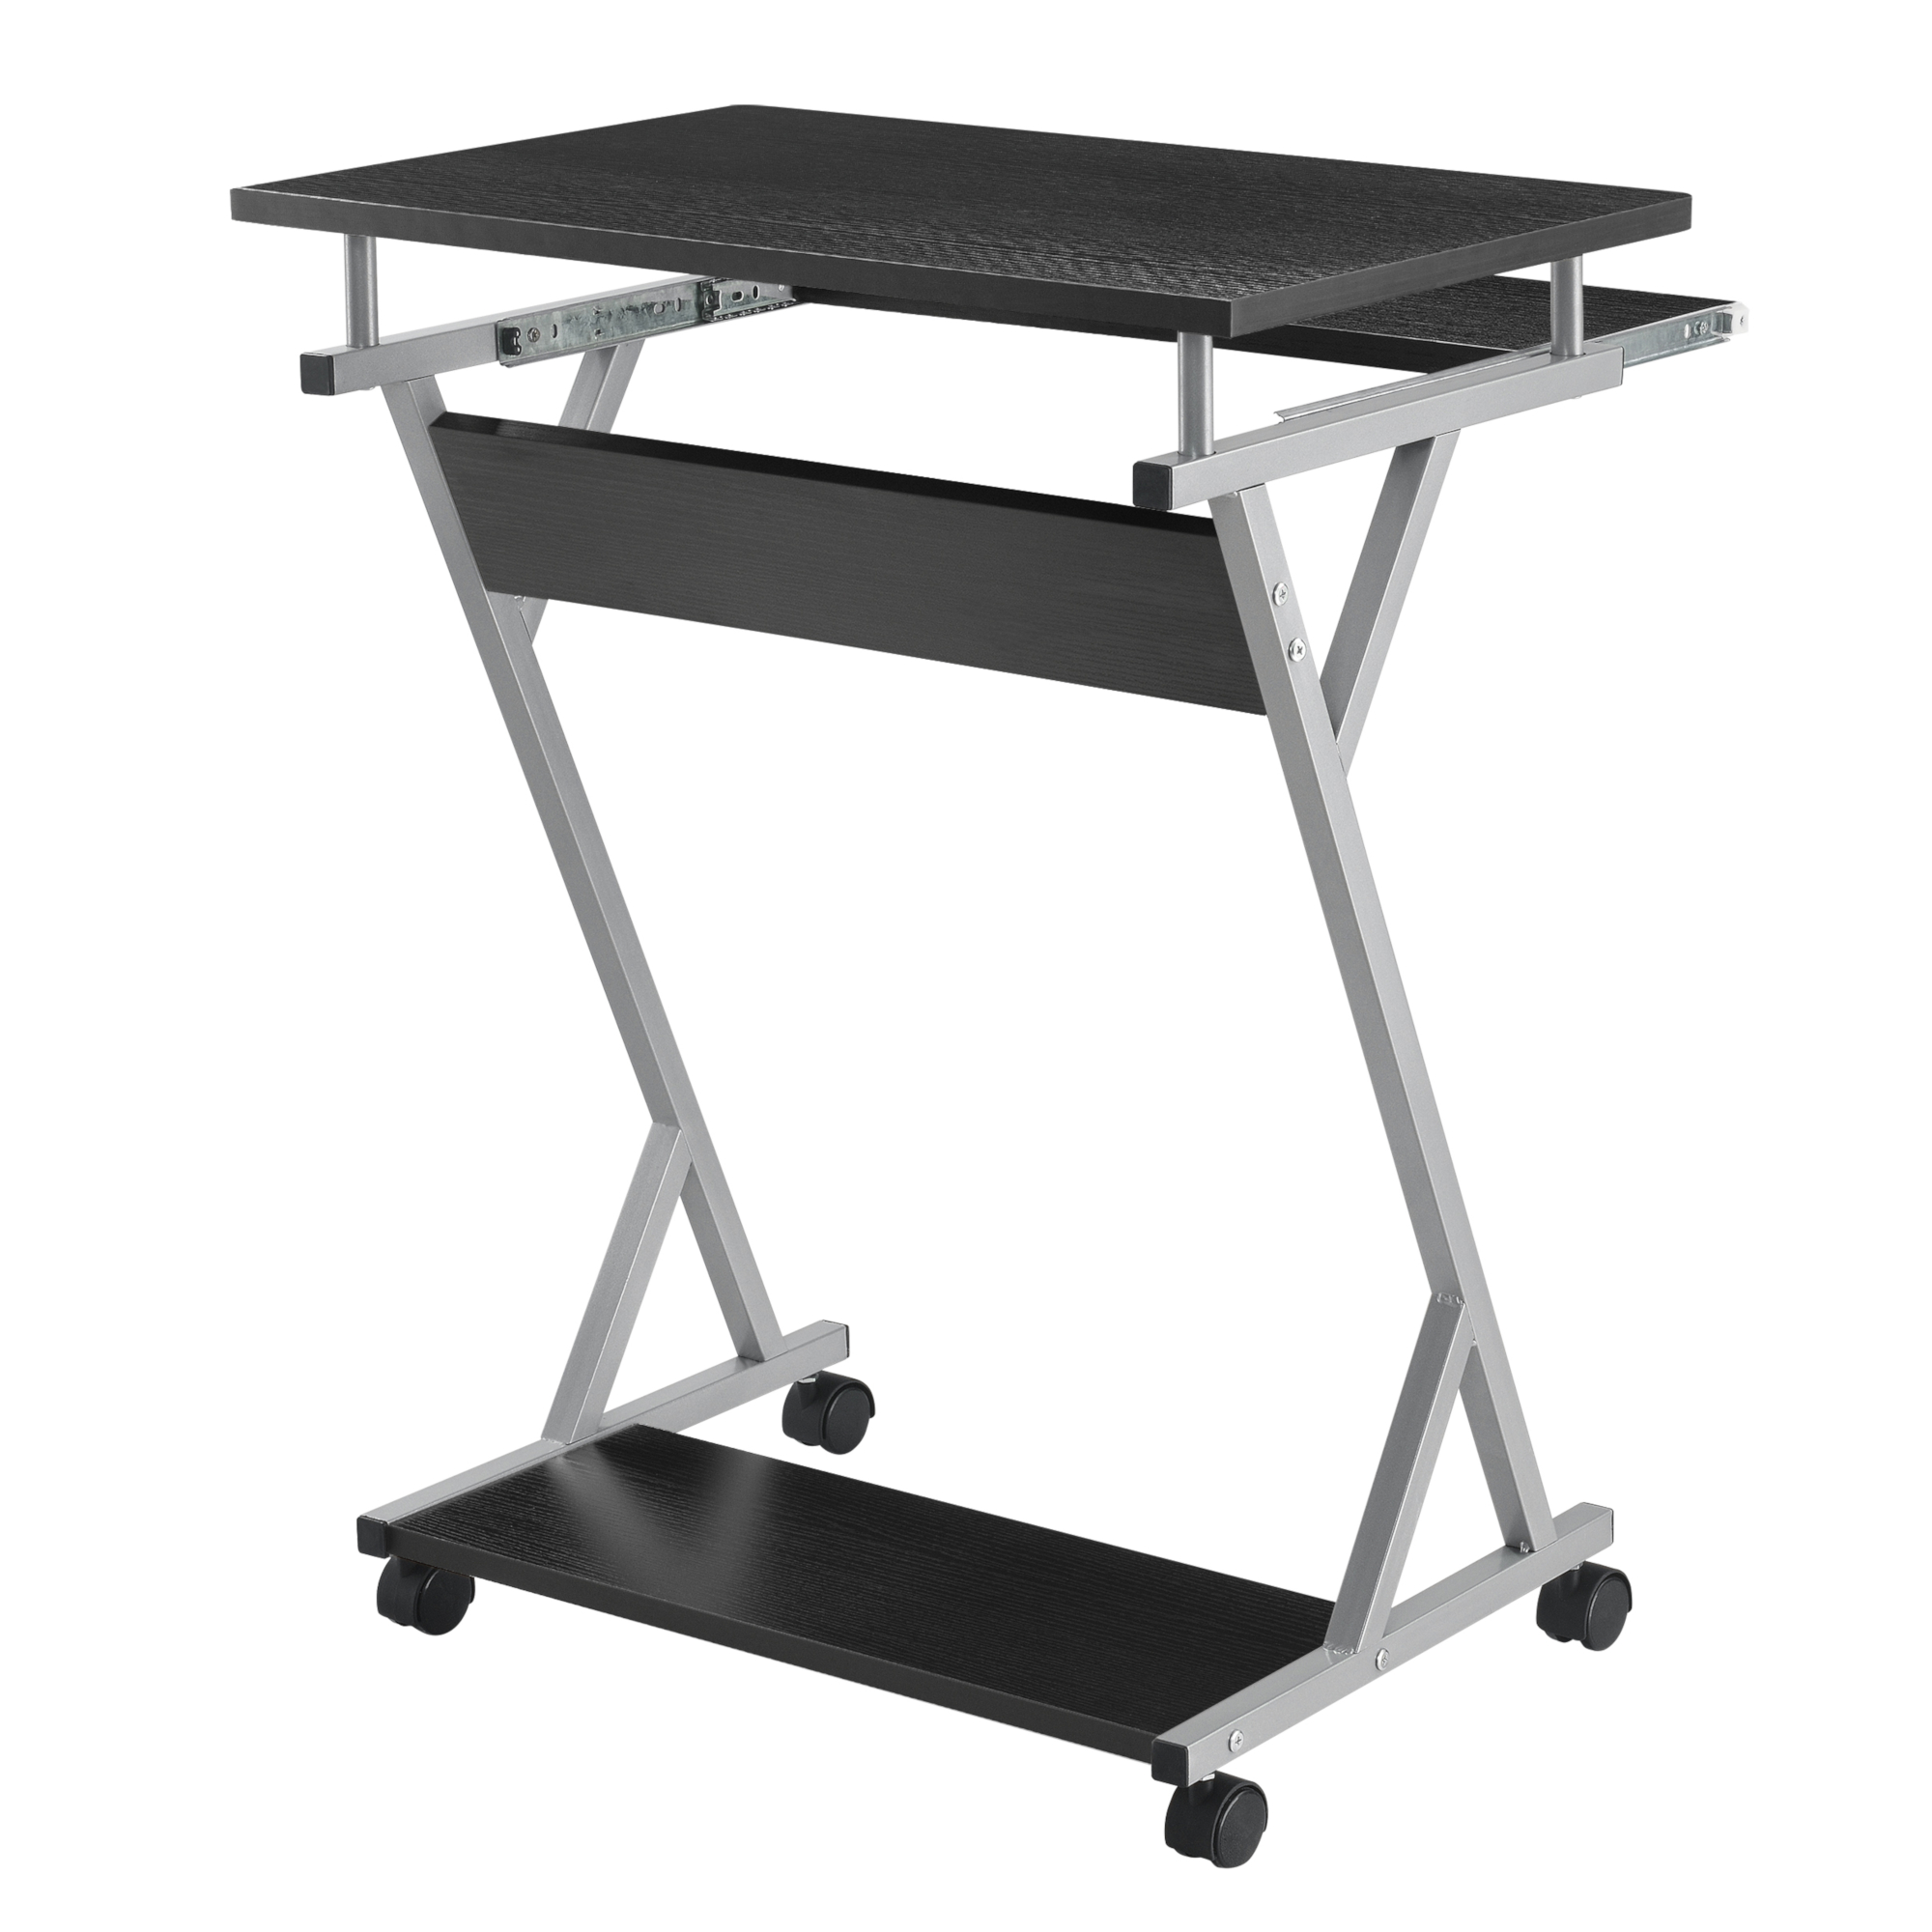 Schreibtisch 60x40x75cm Rollbar Computertisch Bürotisch mit Rollen en.casa